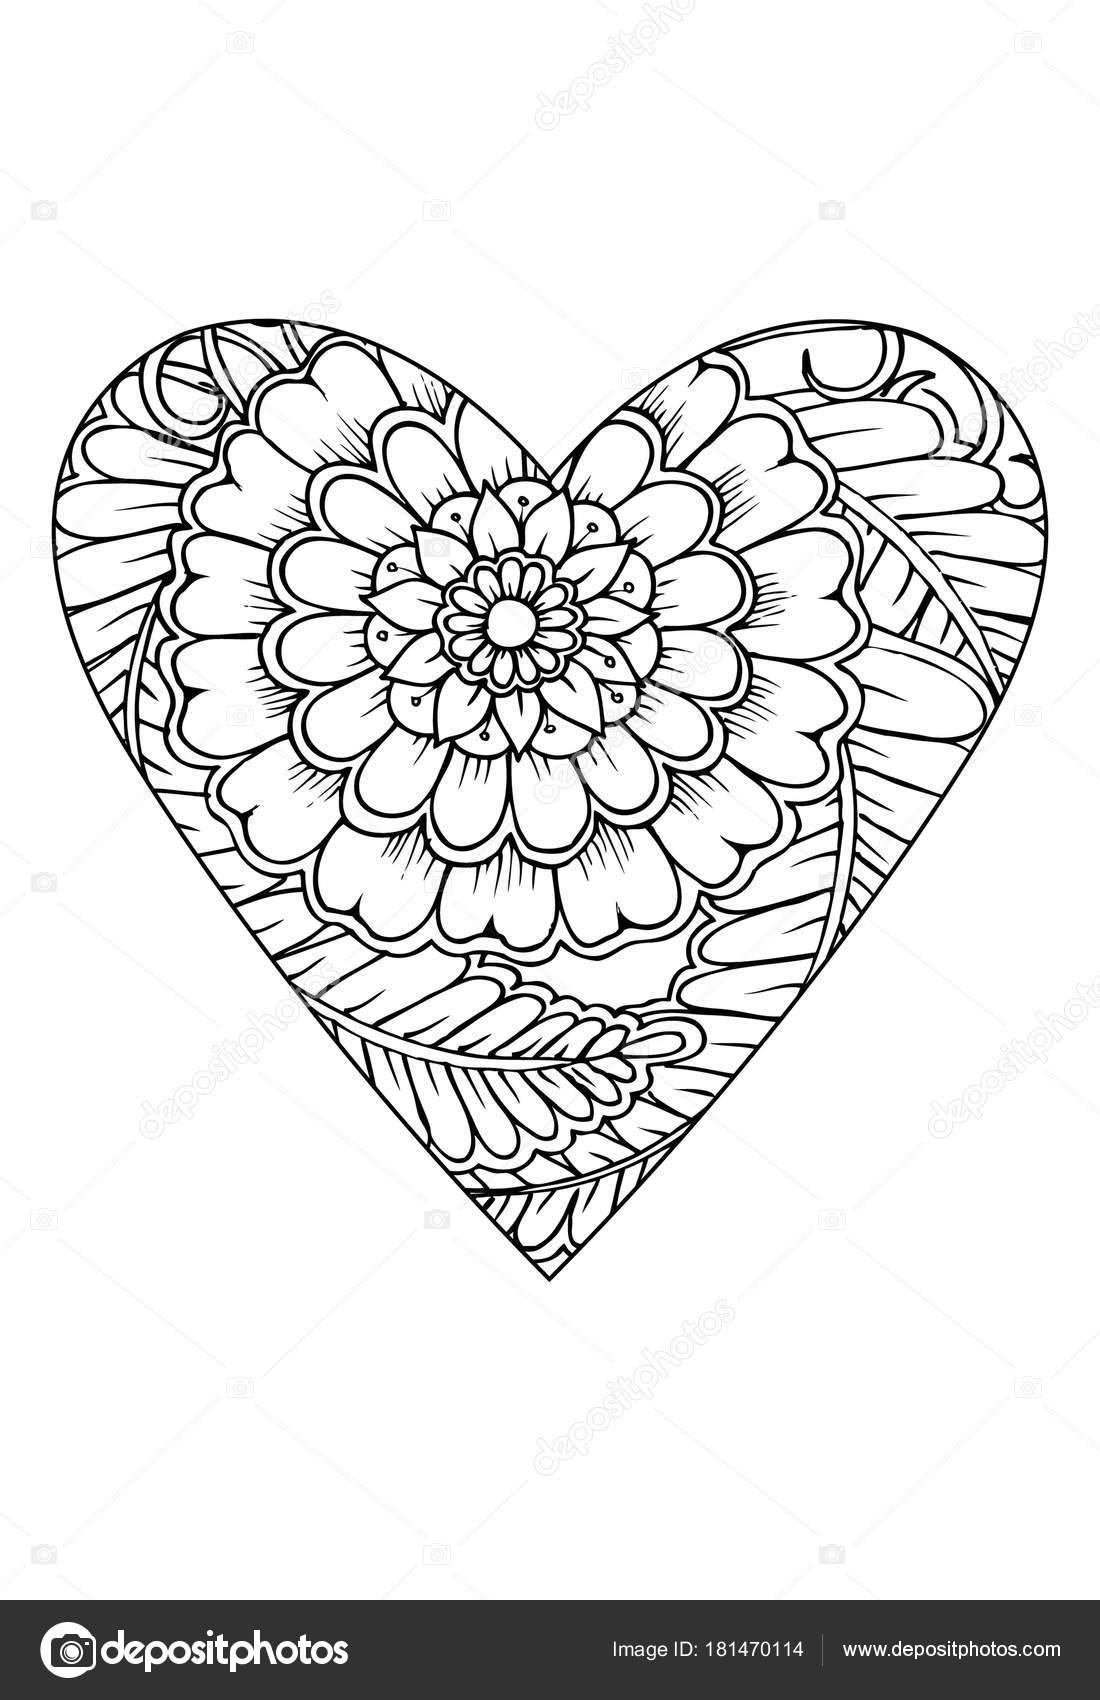 Coloriage Coeur Motif.Modele Livre Coloriage Theme Saint Valentin Coeur Avec Motif